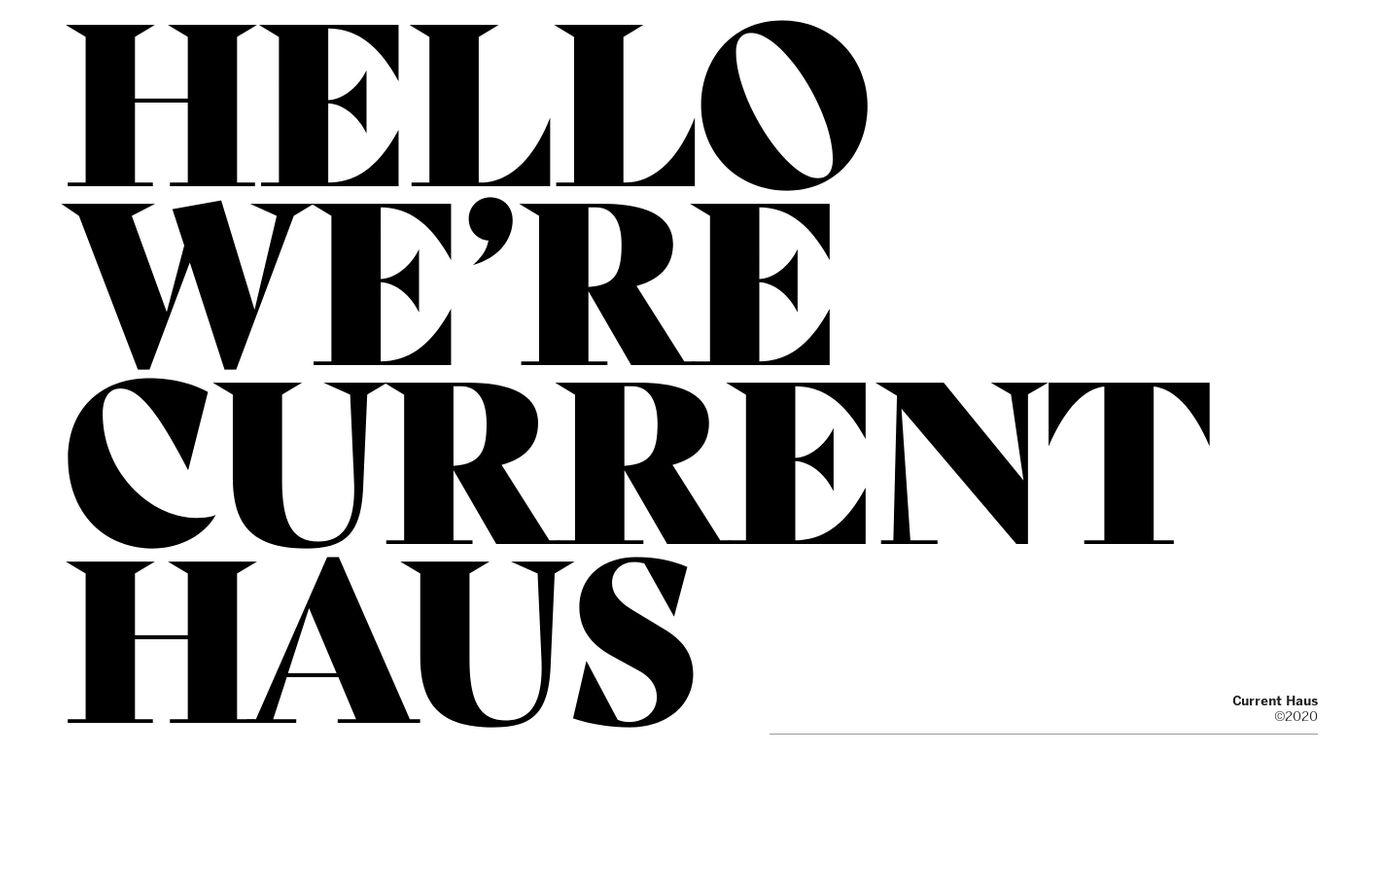 Screenshot of Current Haus website